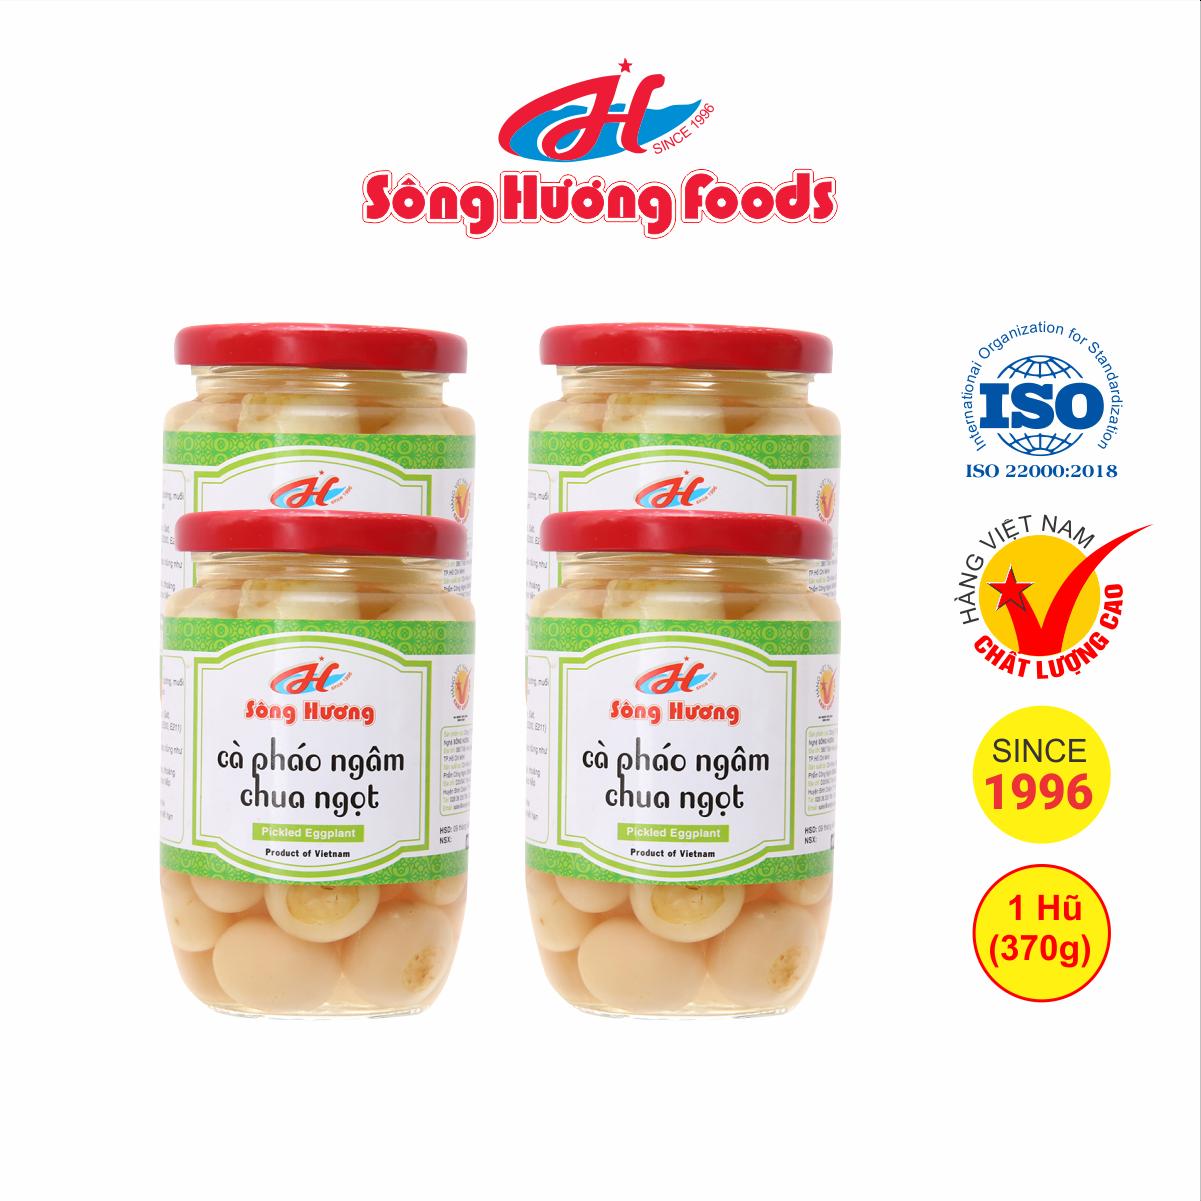 4 Hũ cà pháo muối ngâm chua ngọt Sông Hương Foods hũ 370g, cam kết hàng chính hãng 100%, đảm bảo chất lượng sản phẩm, hàng hóa luôn có sẵn, giao hàng nhanh nội và ngoài TPHCM